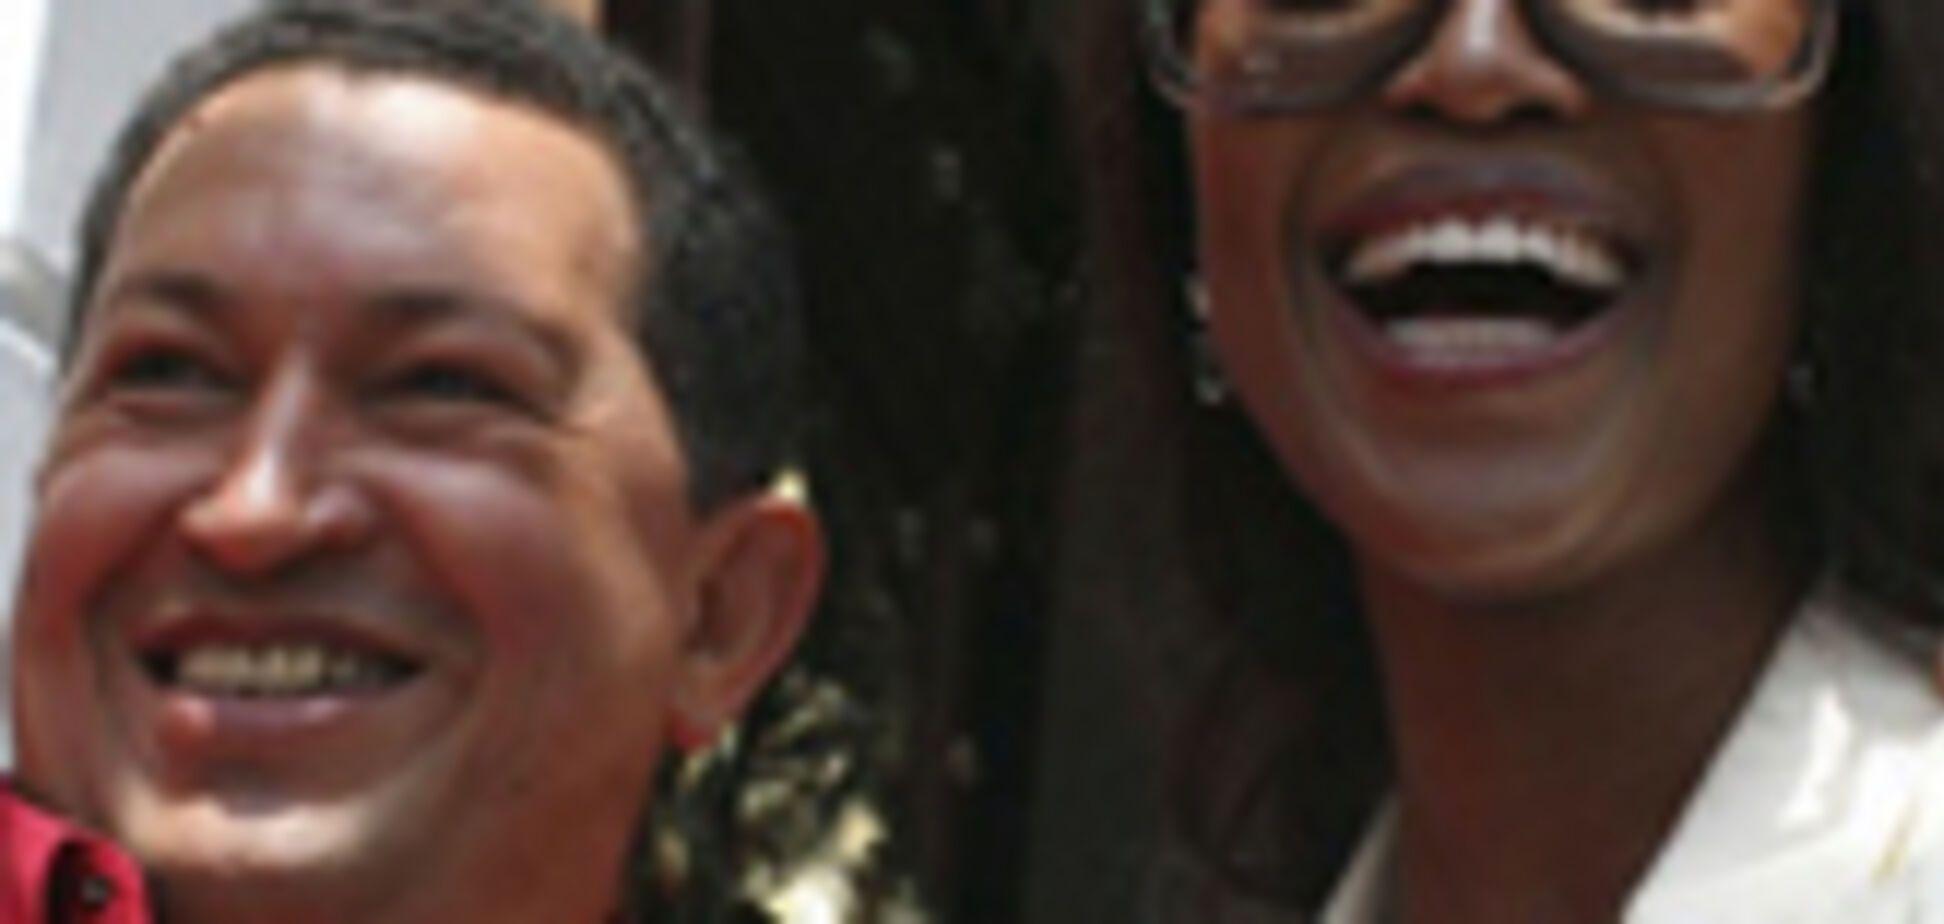 Наомі Кемпбелл помацала і взяла у Уго Чавеса. Інтерв'ю